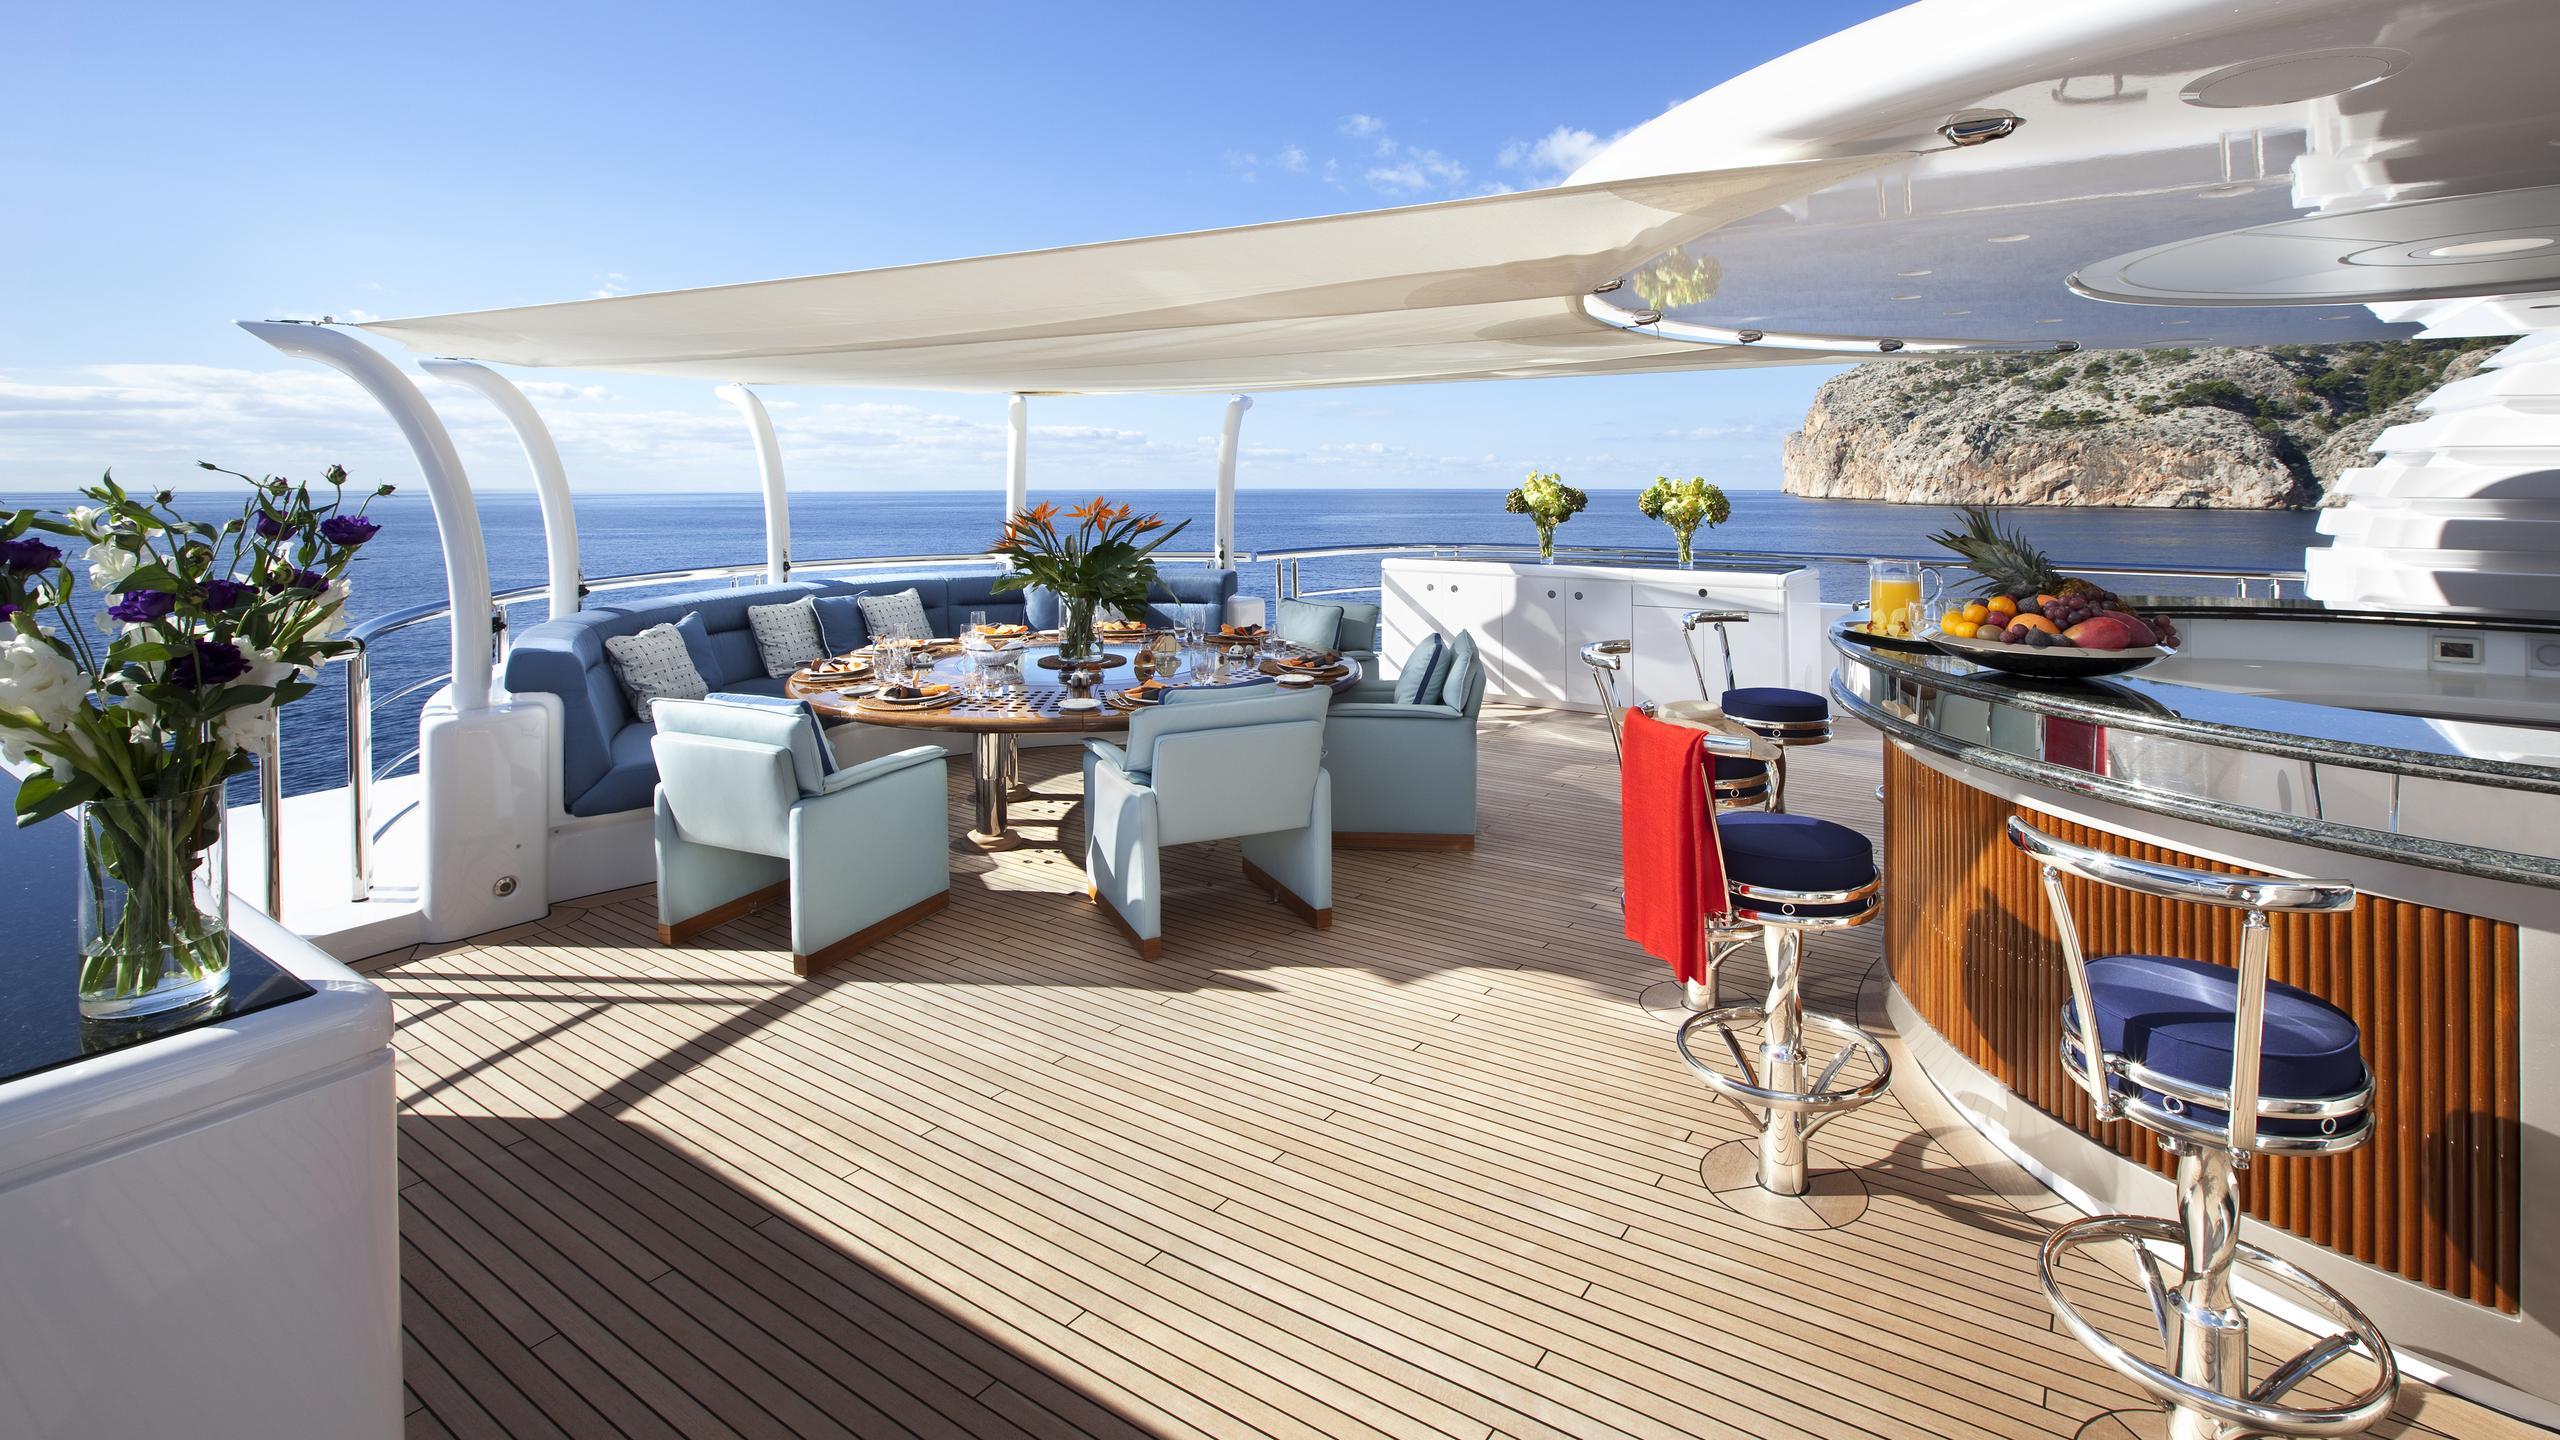 sycara-v-yacht-sun-deck